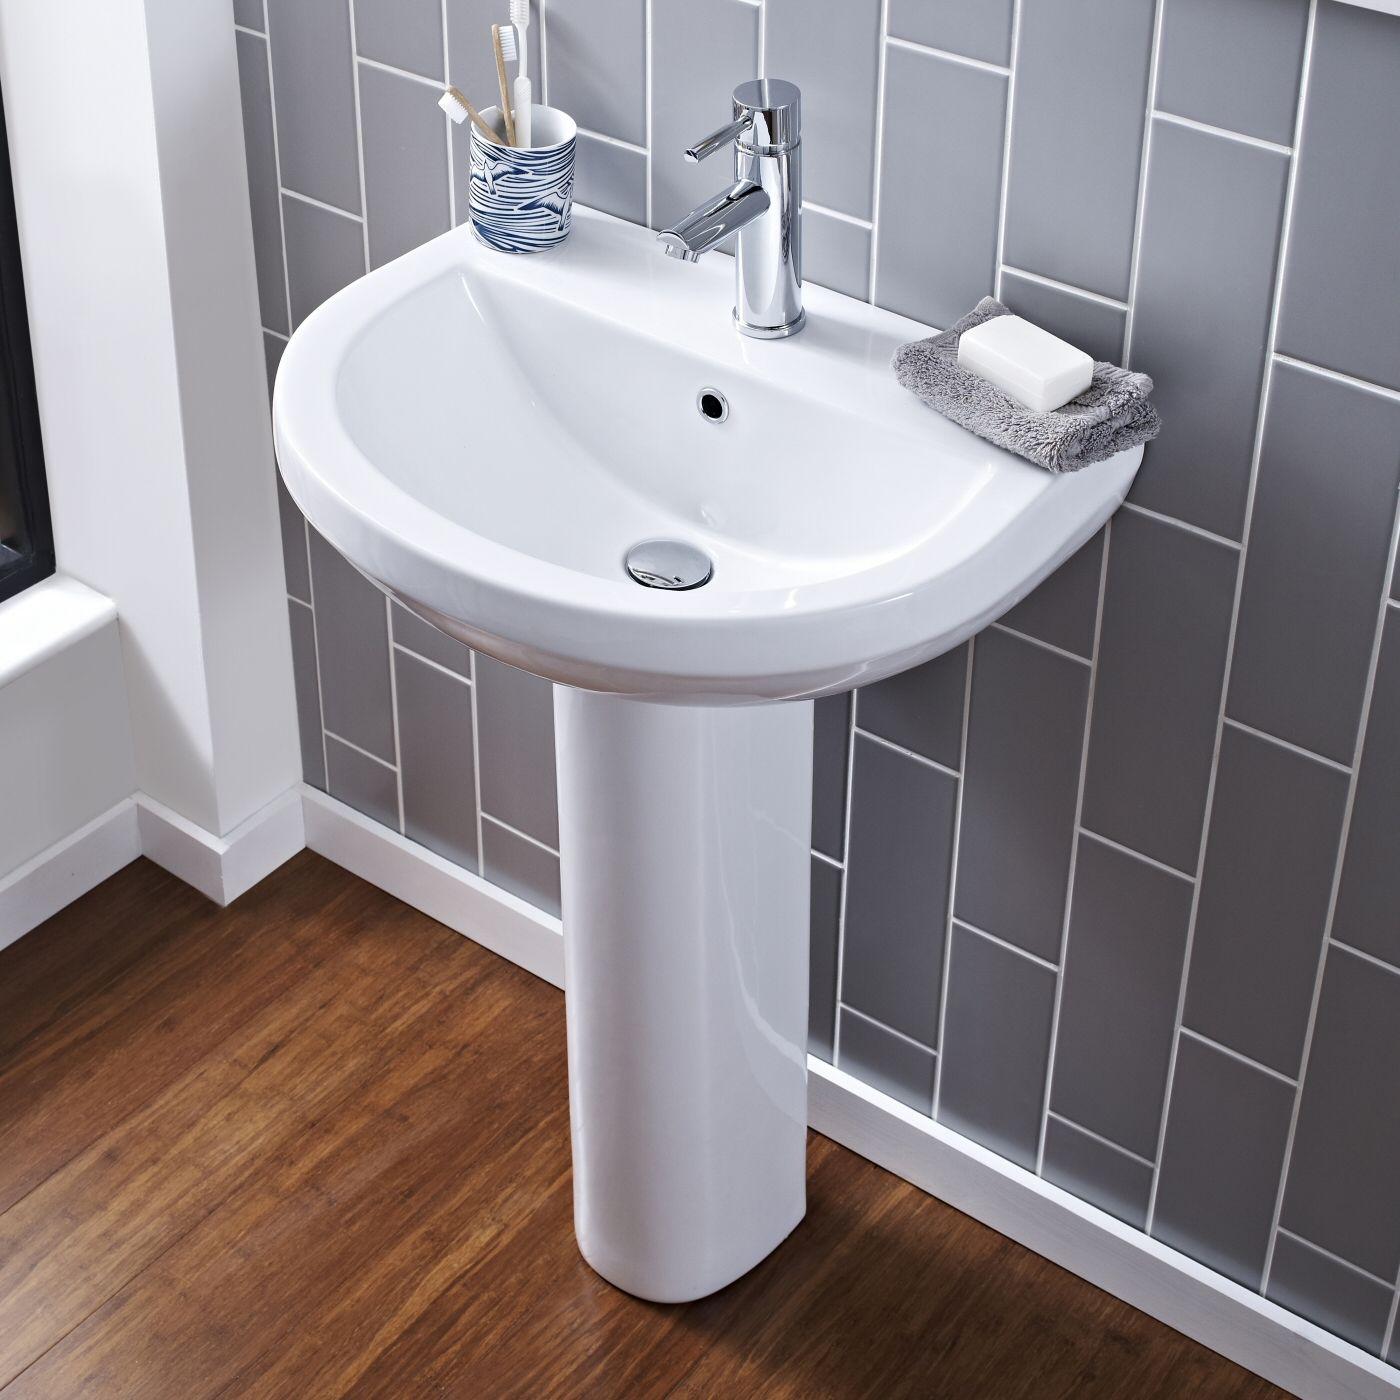 Lavabo y pedestal en cer mica en estilo moderno 550mm - Lavabos de bano modernos ...